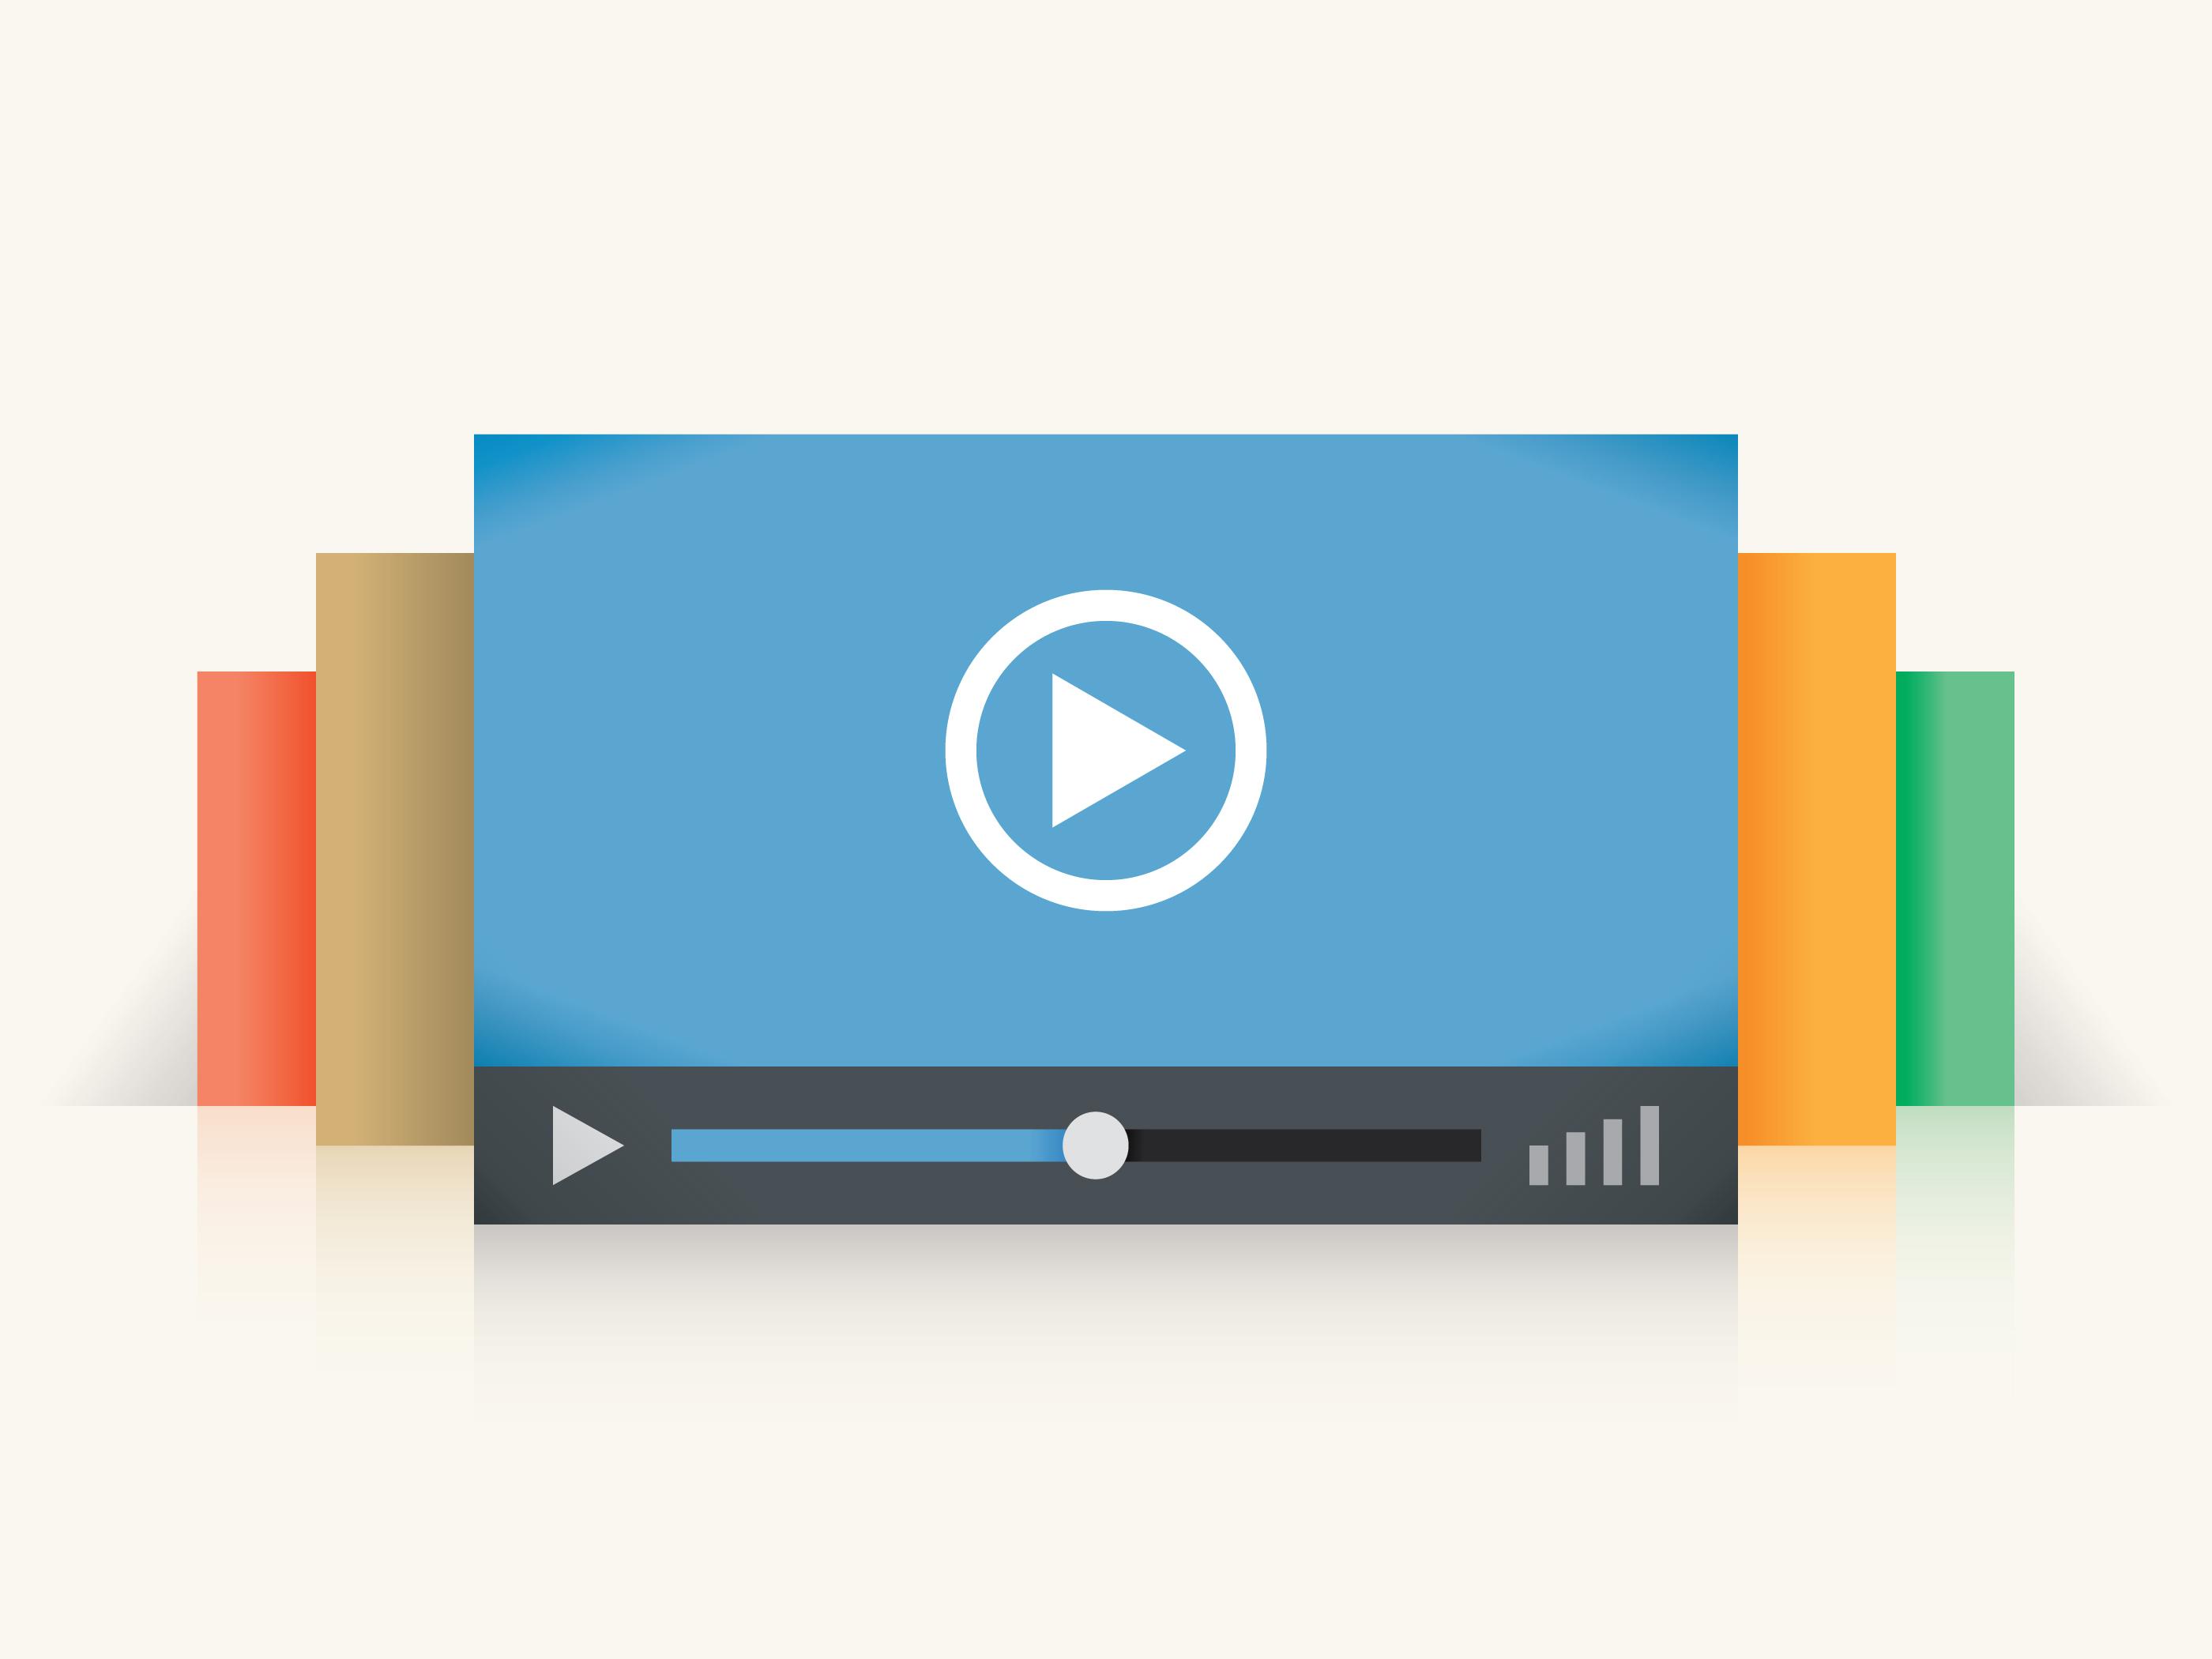 δημιουργια βιντεο στο youtube - Abouttheweb